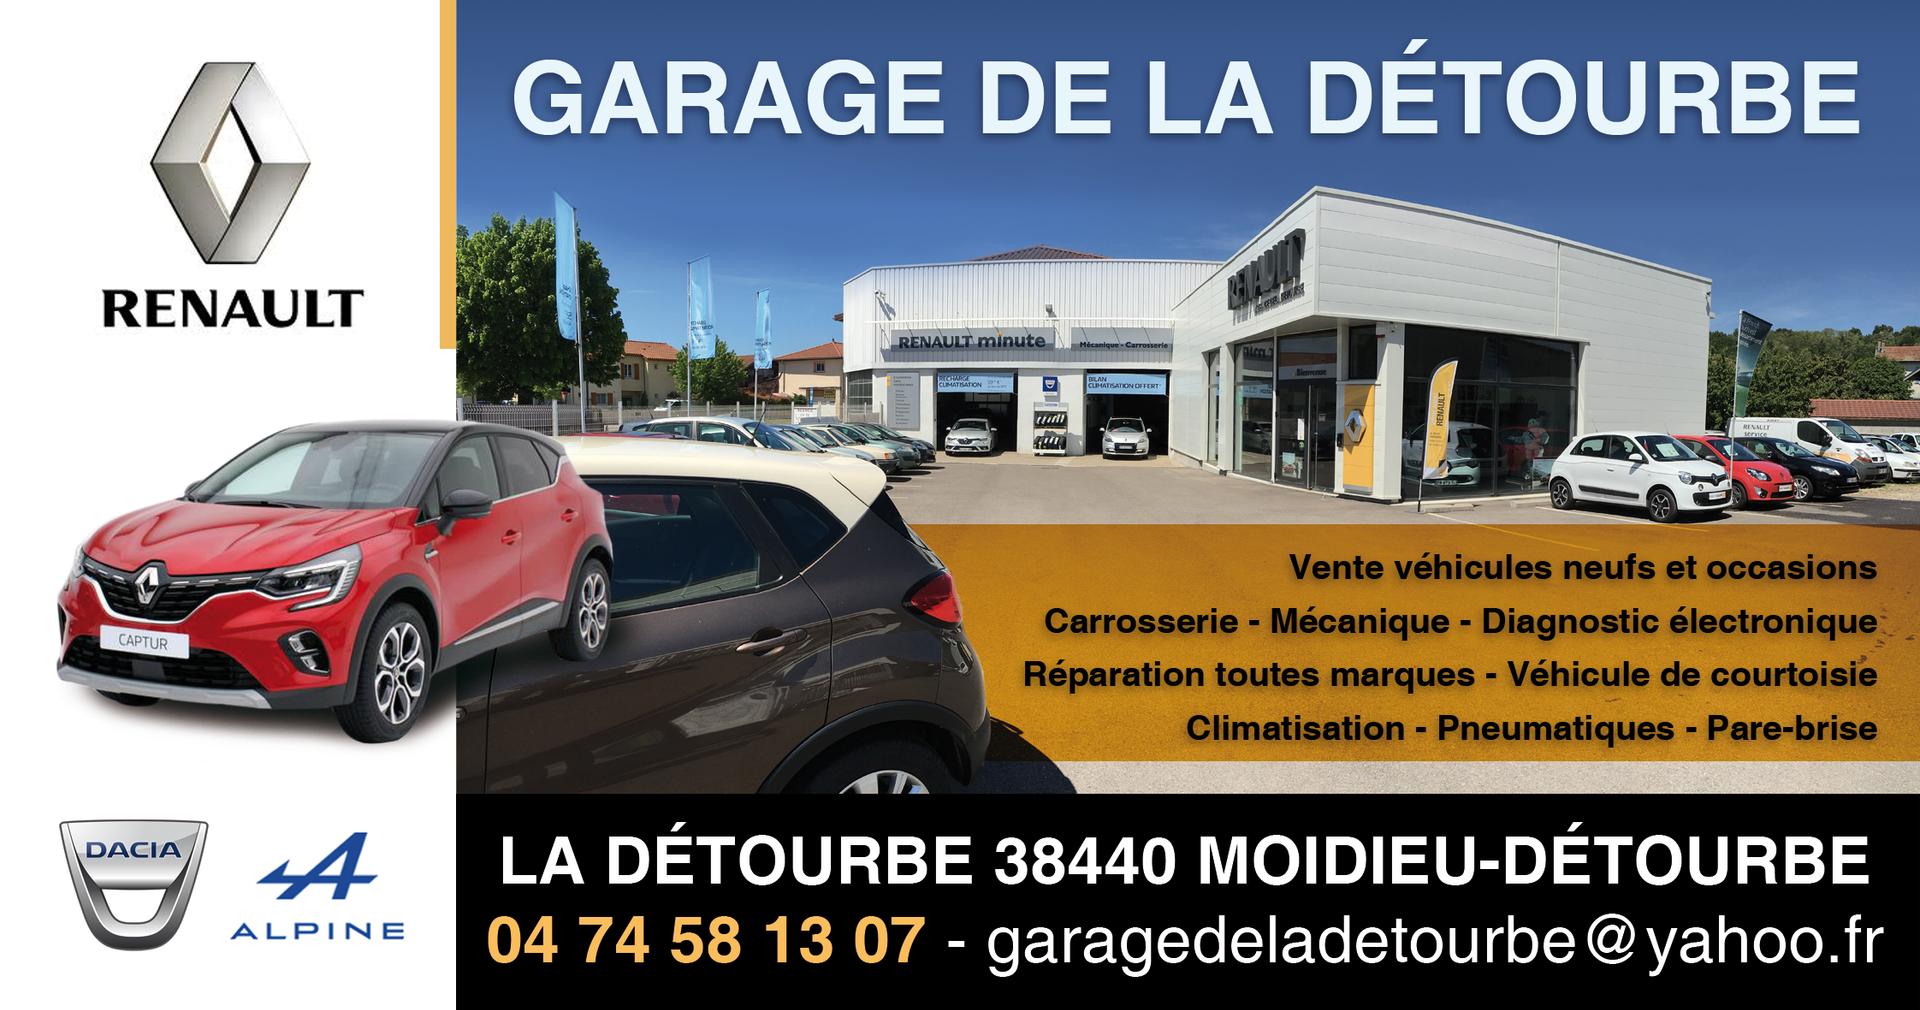 GARAGE-DE-LA-DETOURBE.png